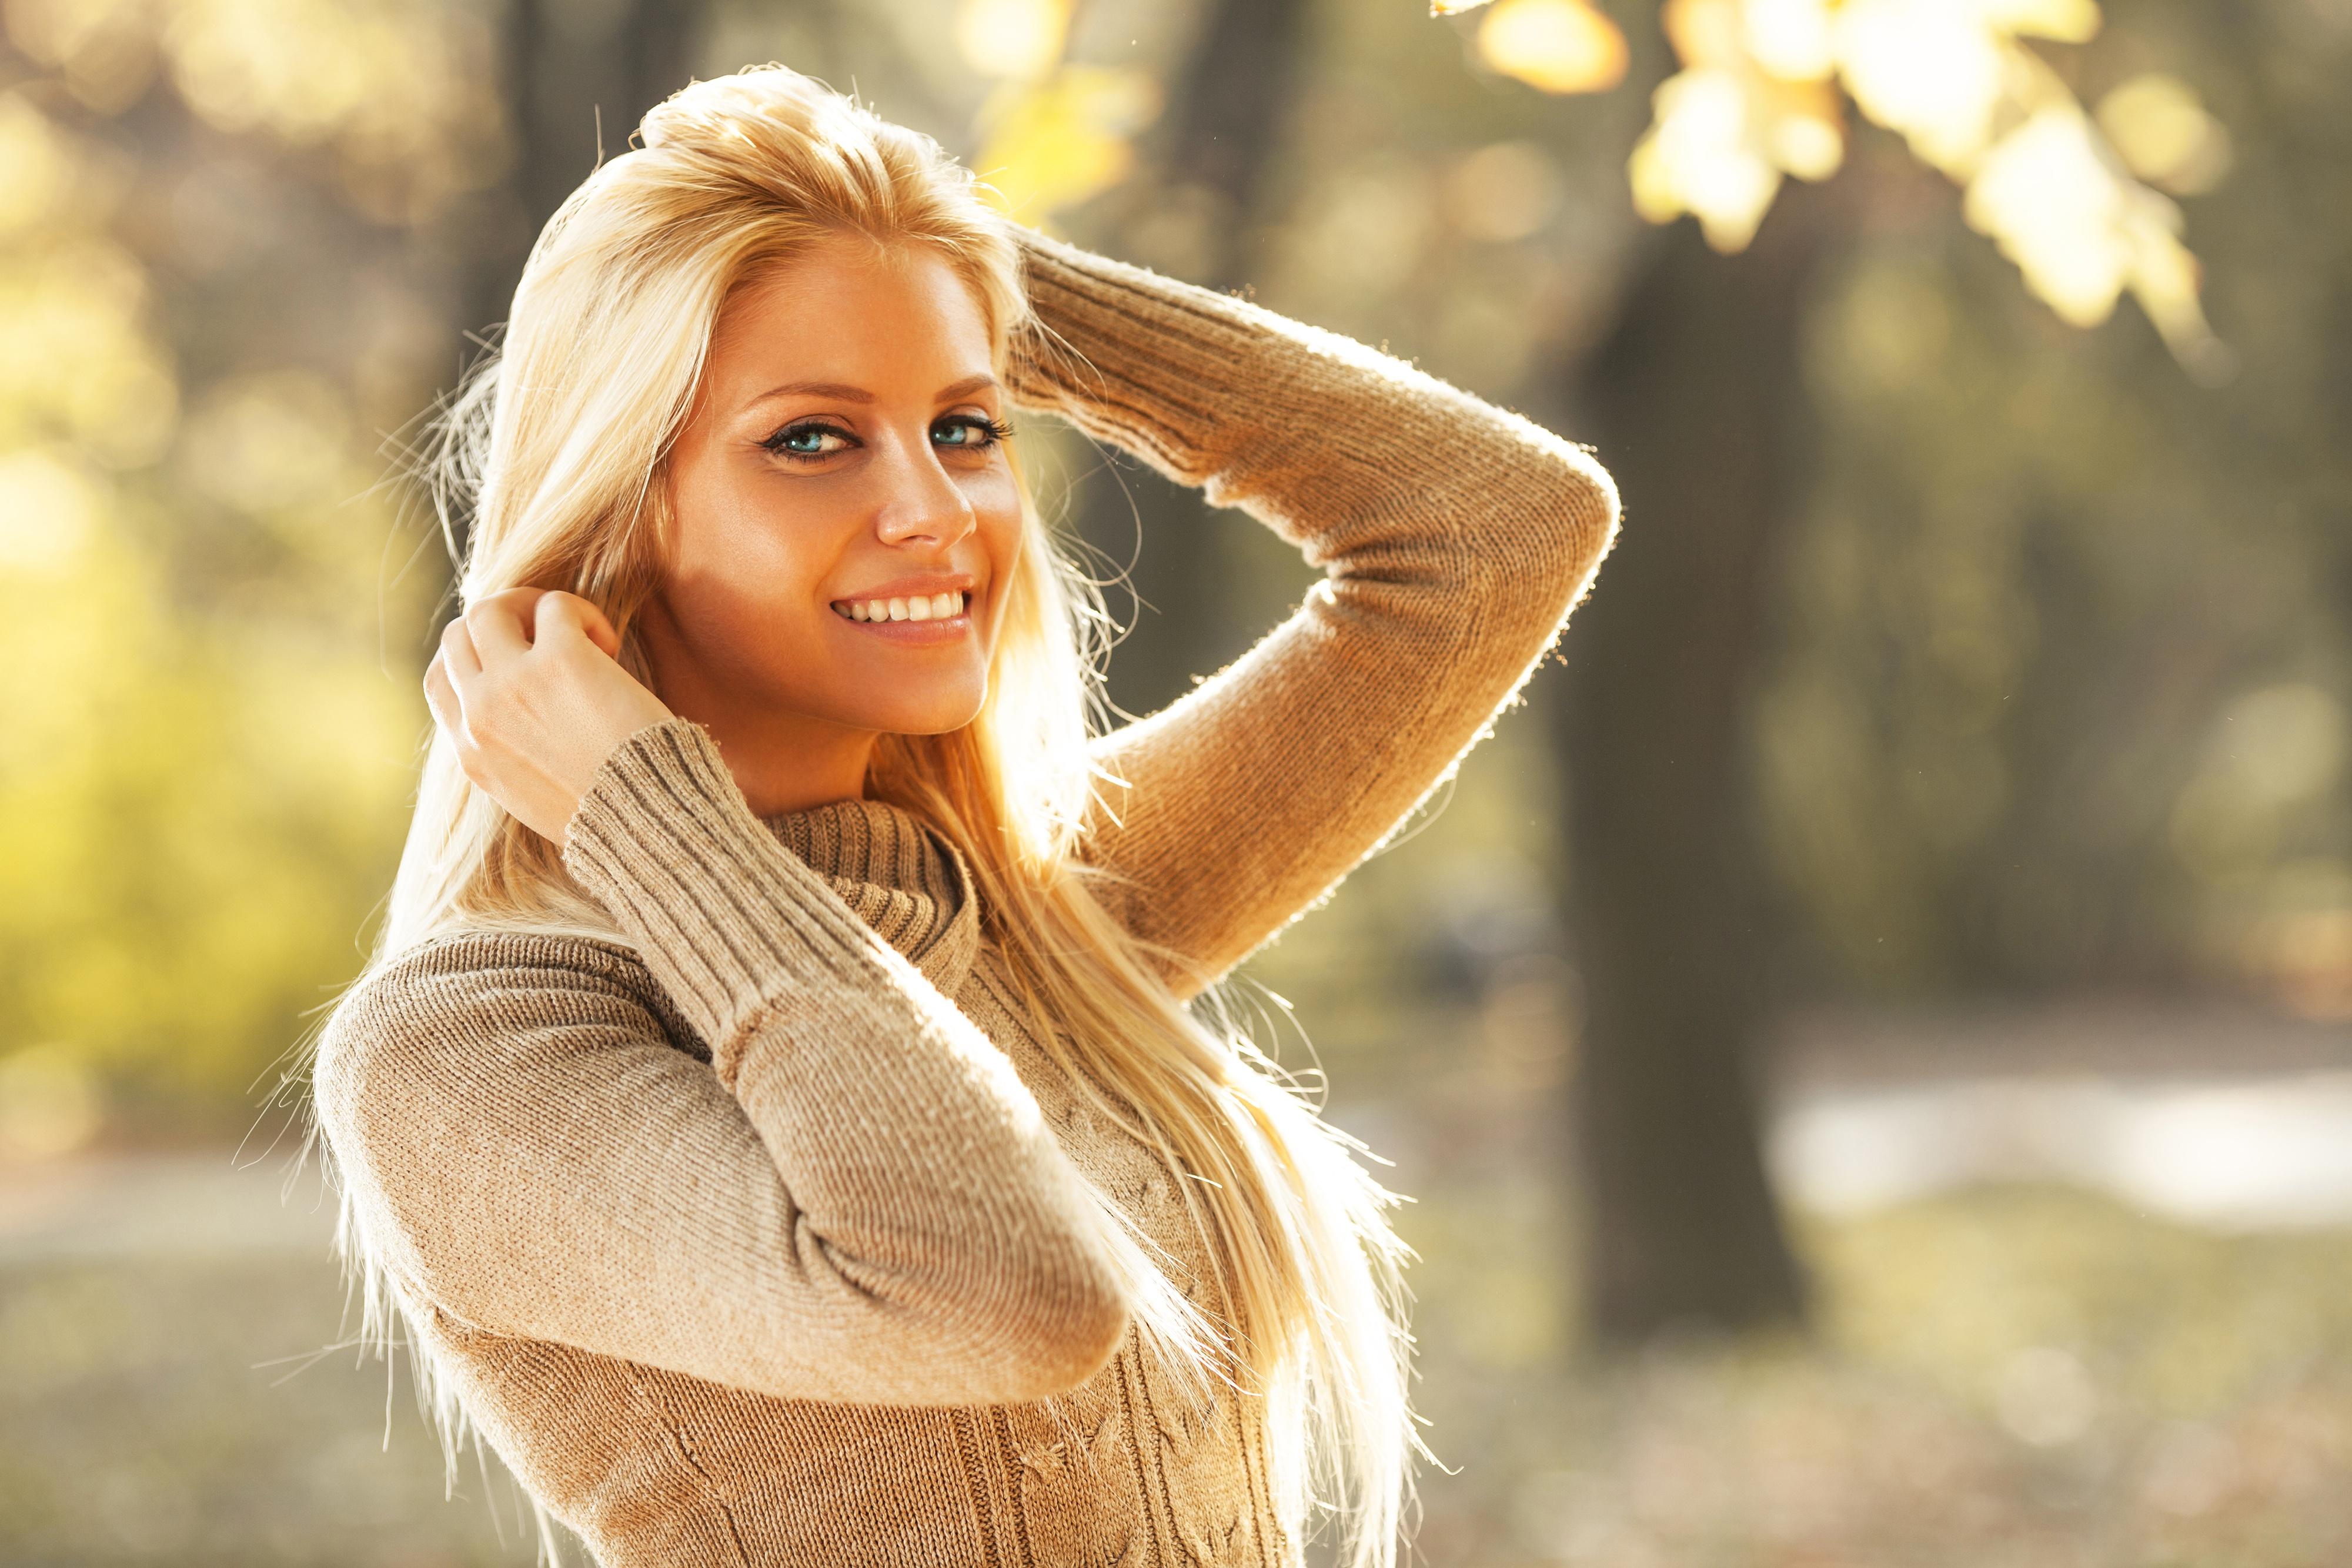 Красивая девушка блондинка фотосессия